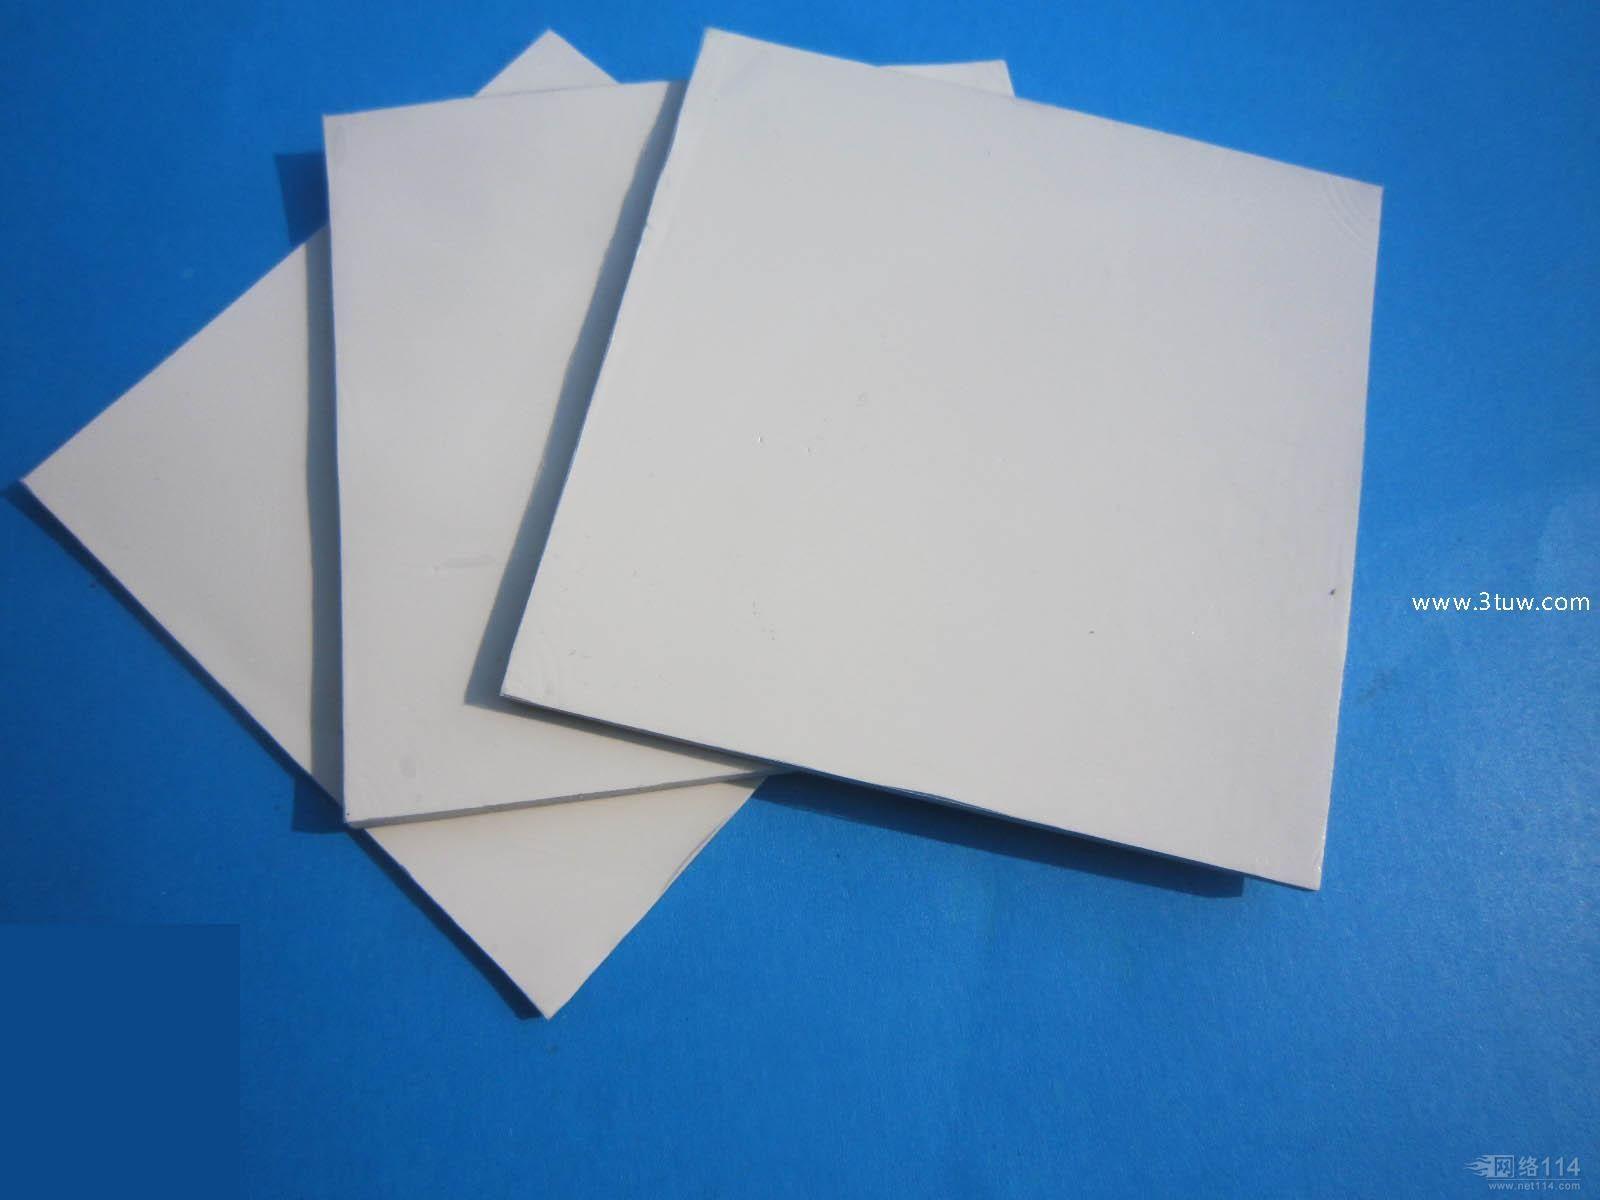 買好的導熱矽膠片,就選萬利行|導熱矽膠片廠家